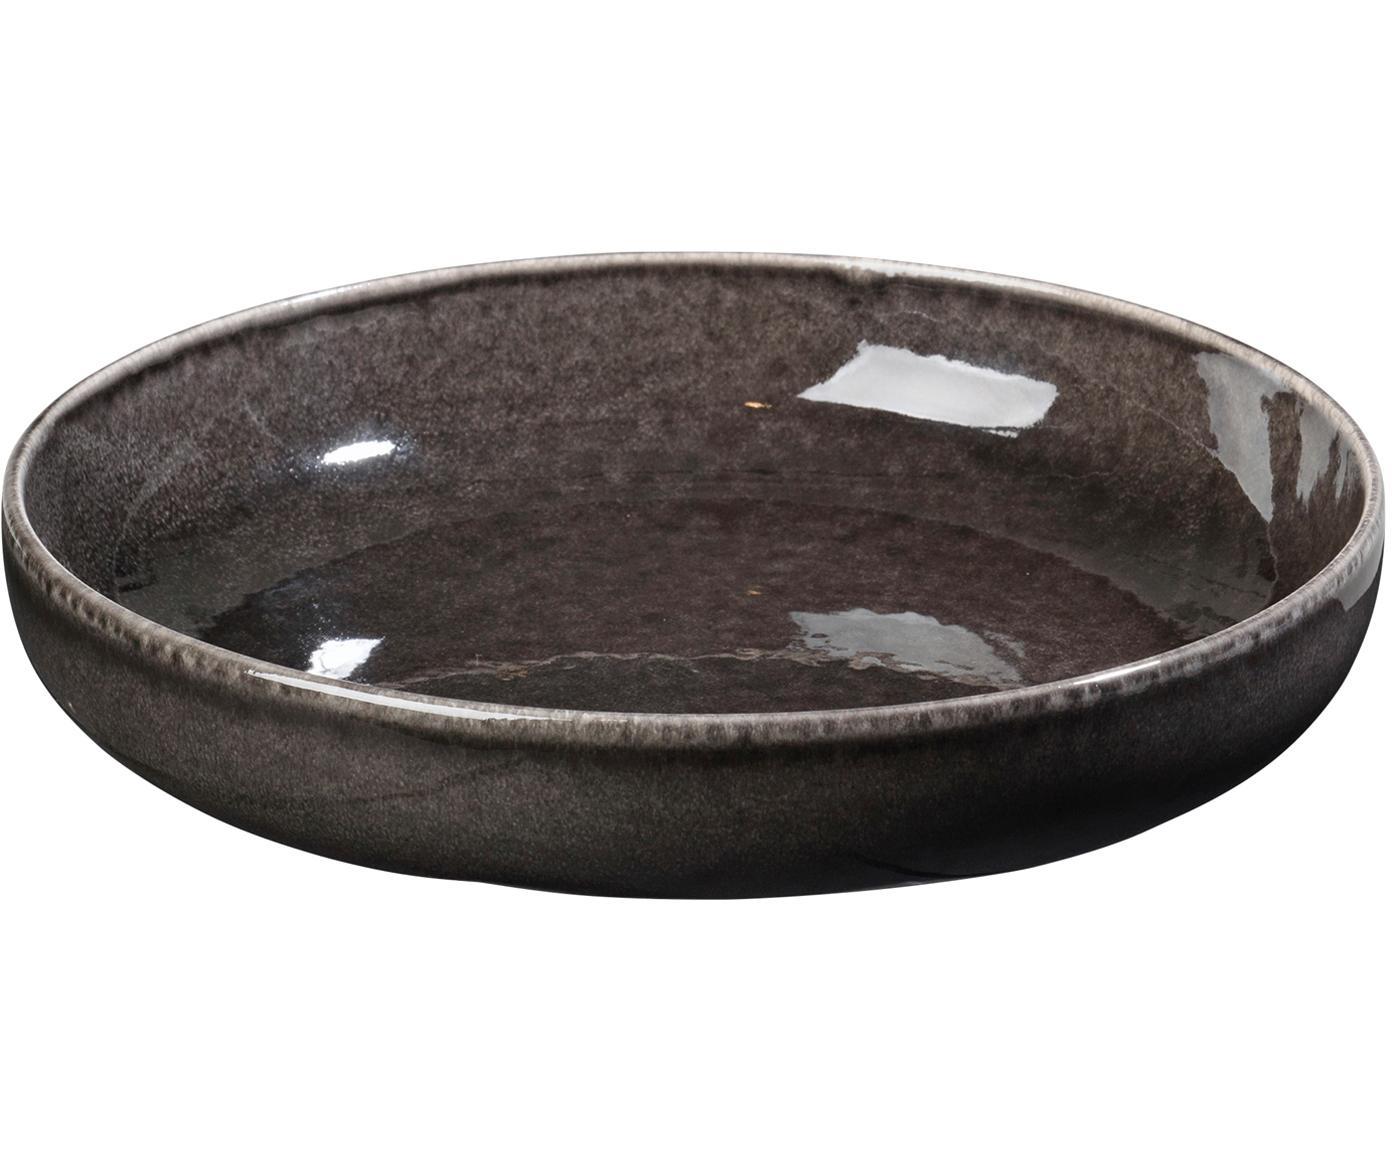 Handgemachte Schalen Nordic Coal, 4 Stück, Steingut, Bräunlich, Ø 22 x H 5 cm